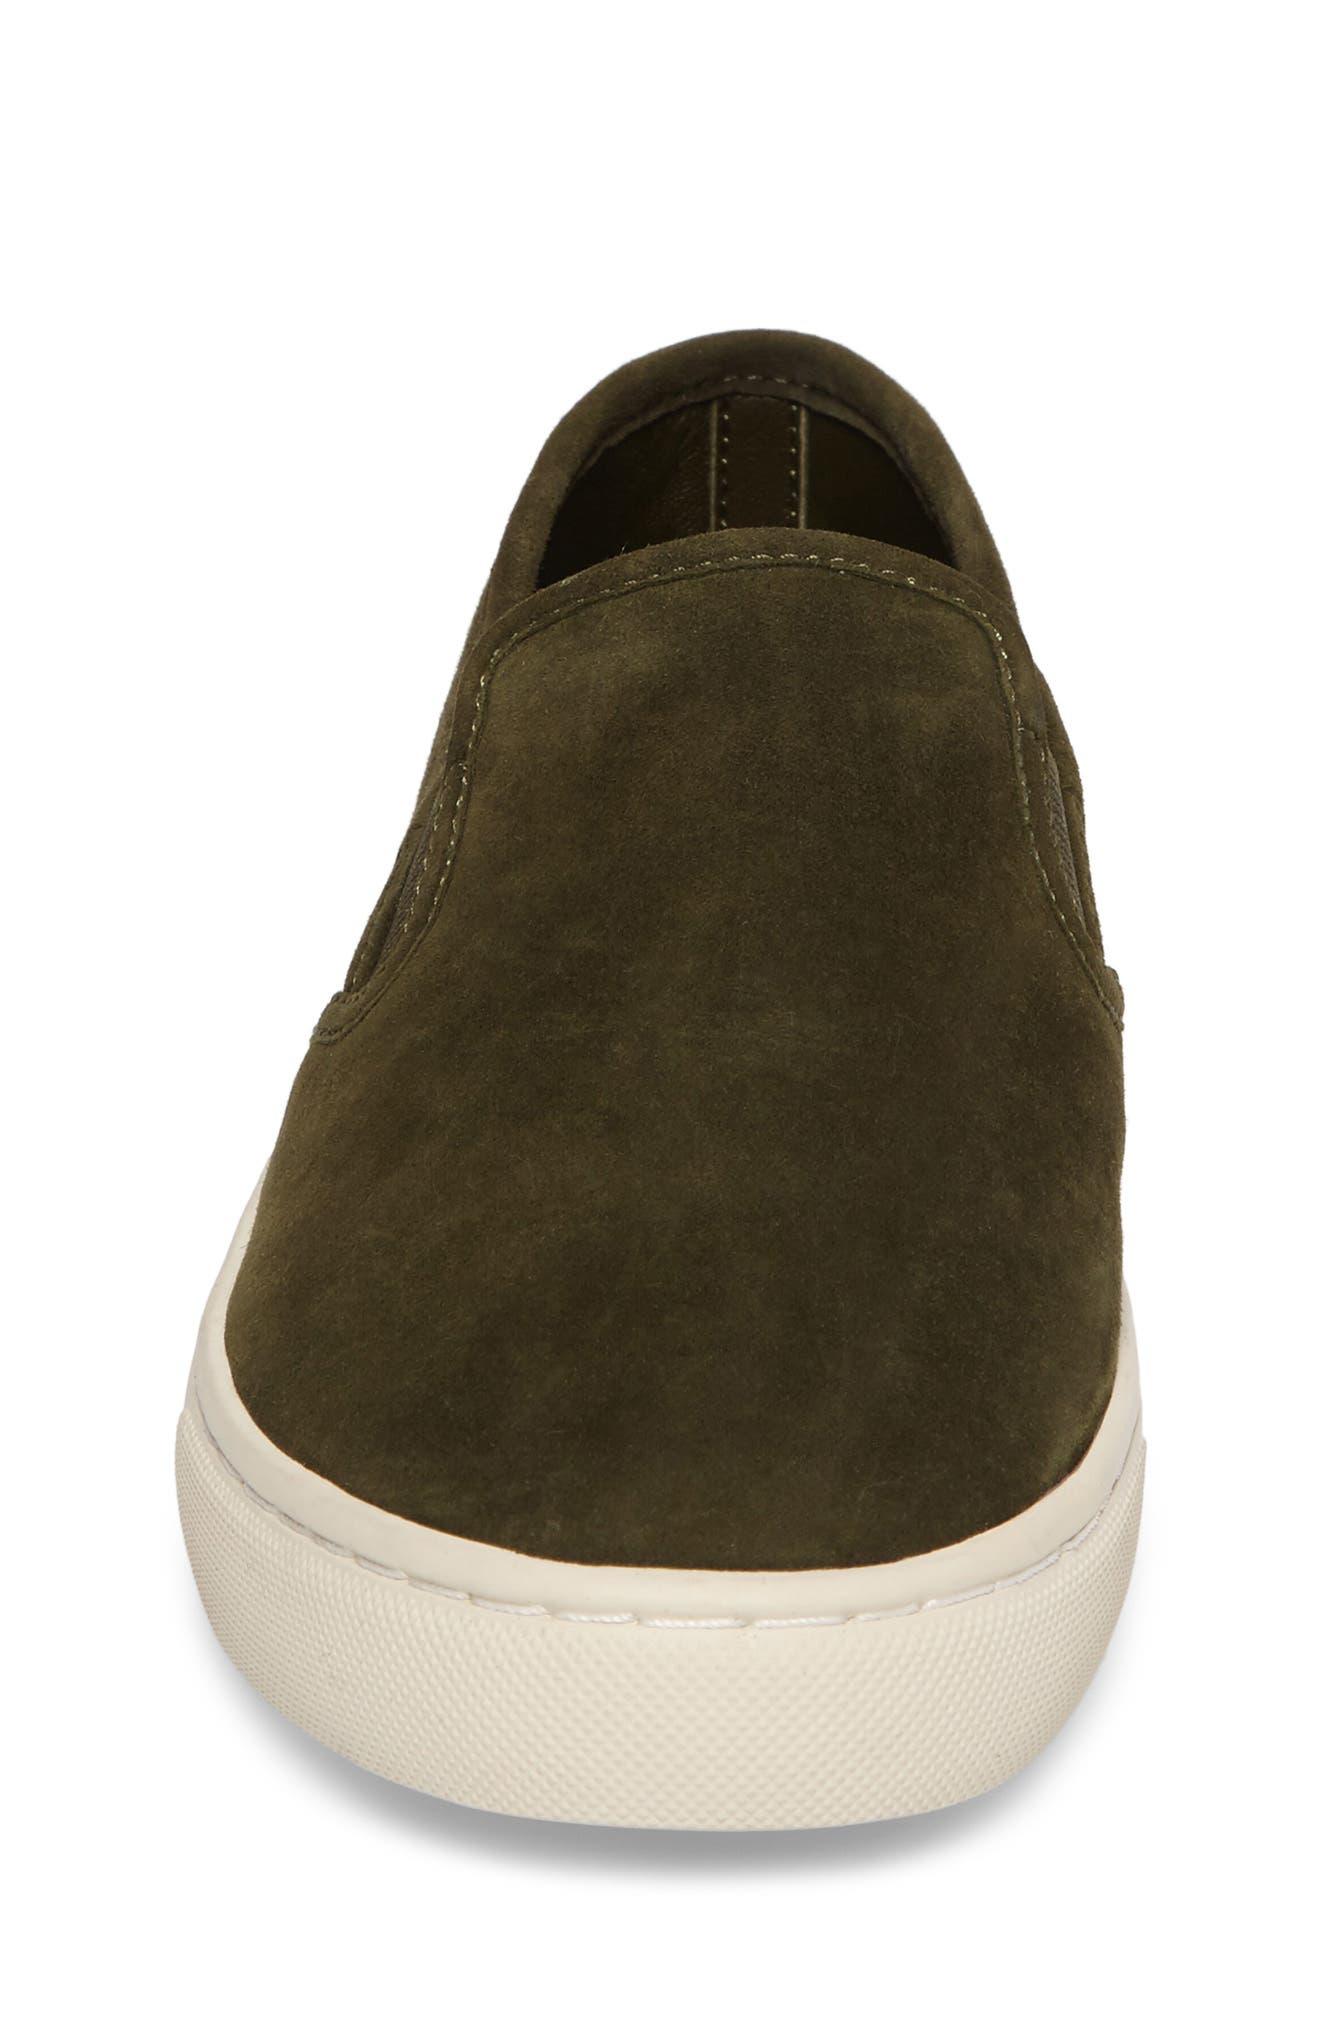 Max Slip-On Sneaker,                             Alternate thumbnail 21, color,